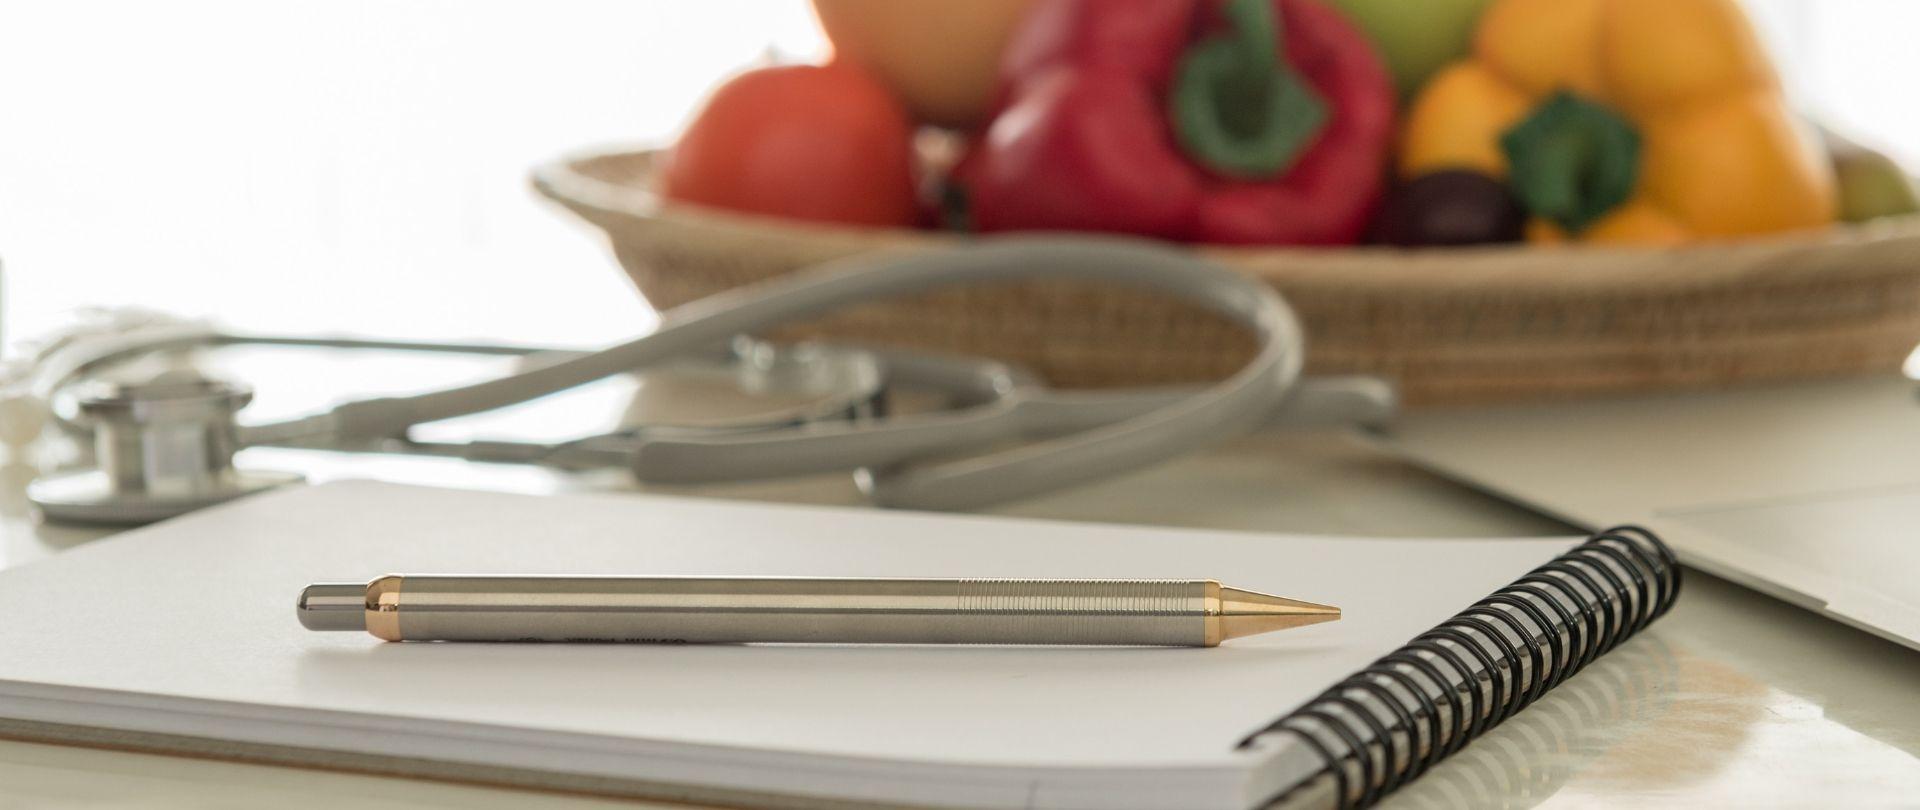 Health Care & Prevention